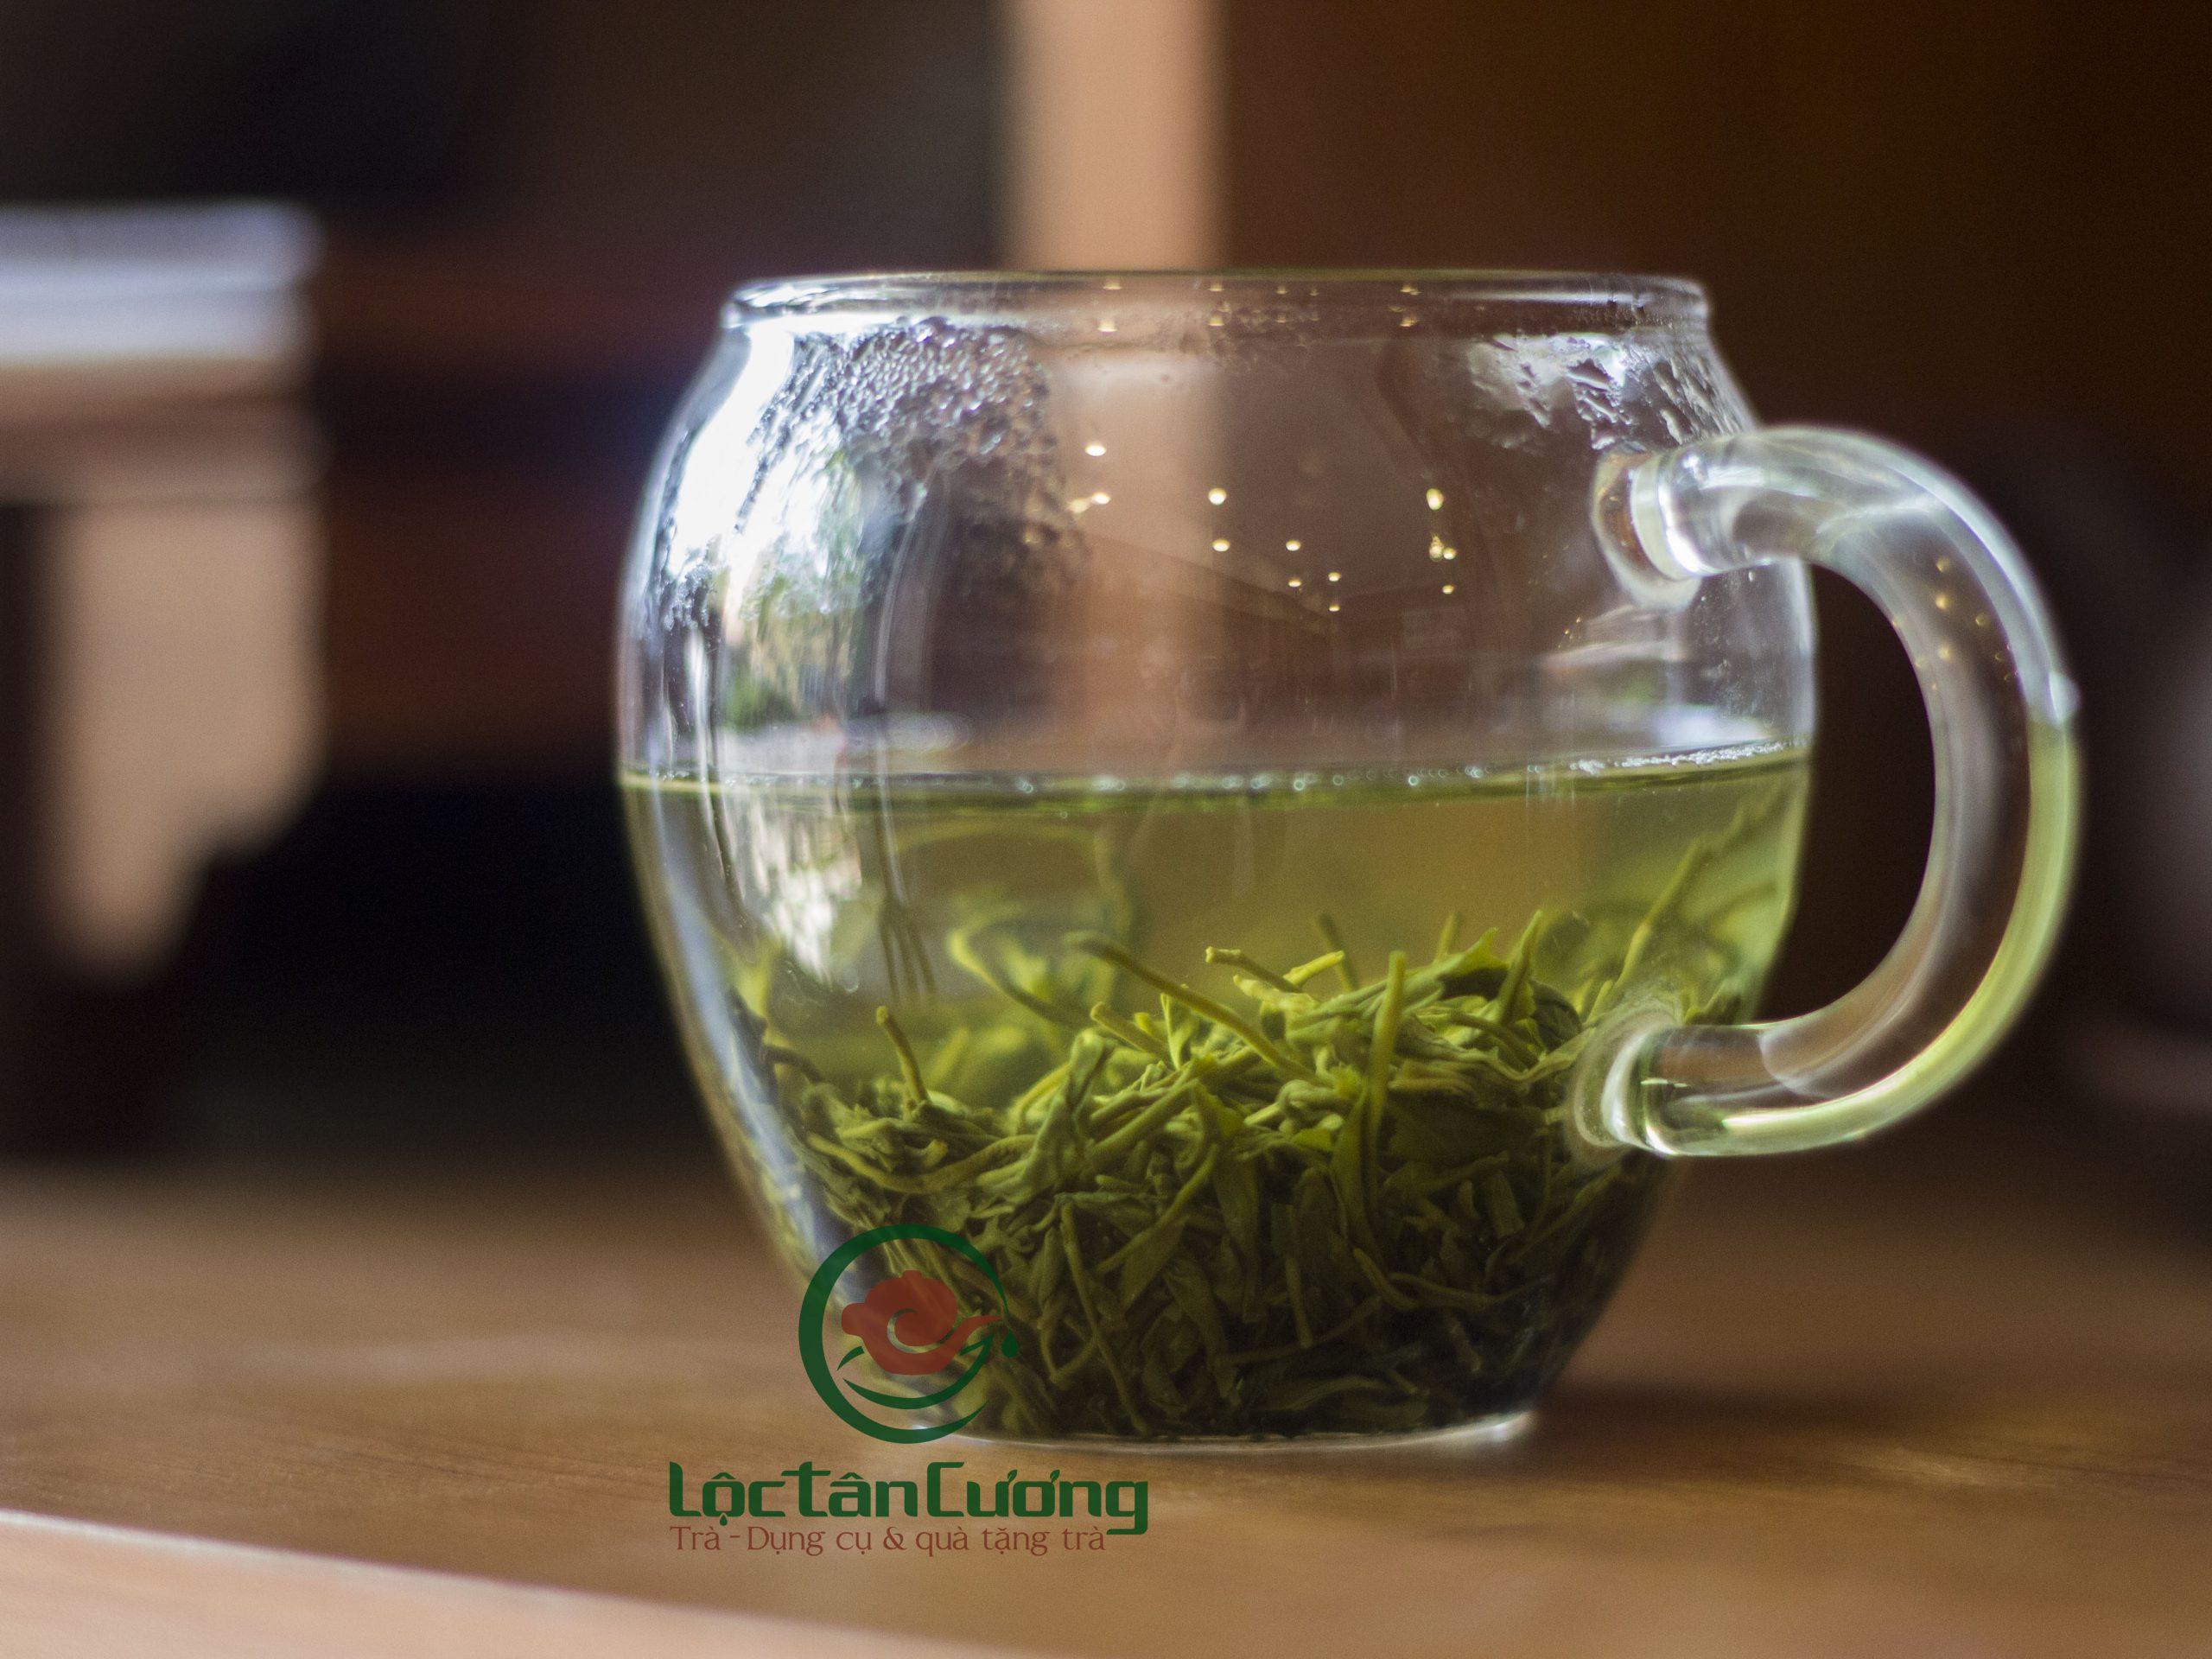 uống trà bắc có giảm cân không